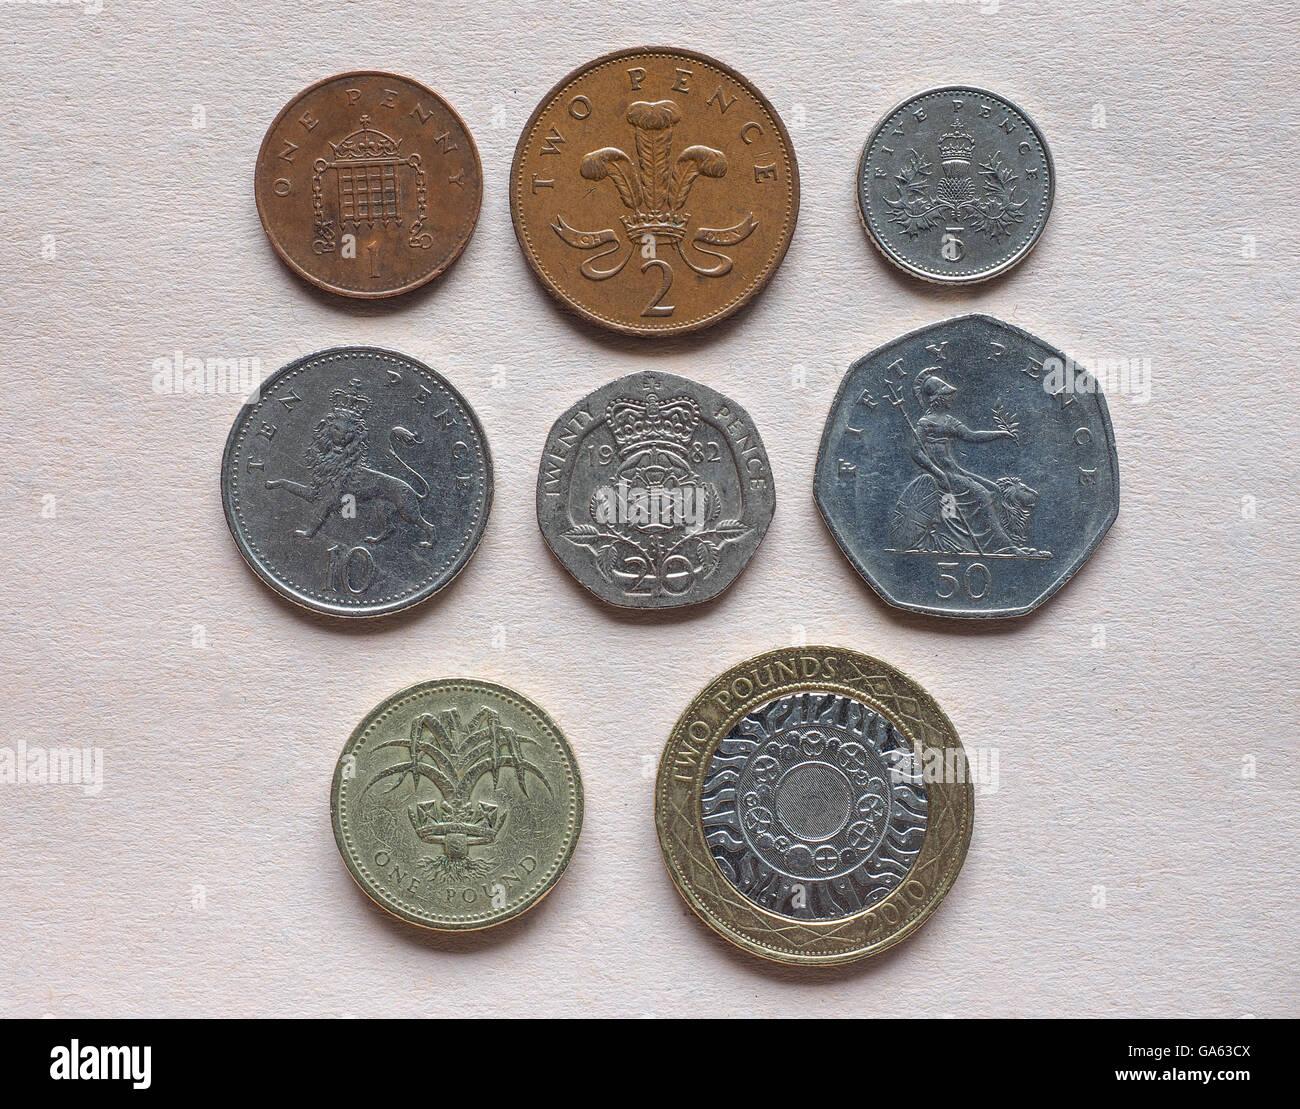 Britisches Pfund Münzen Währung Des Vereinigten Königreichs